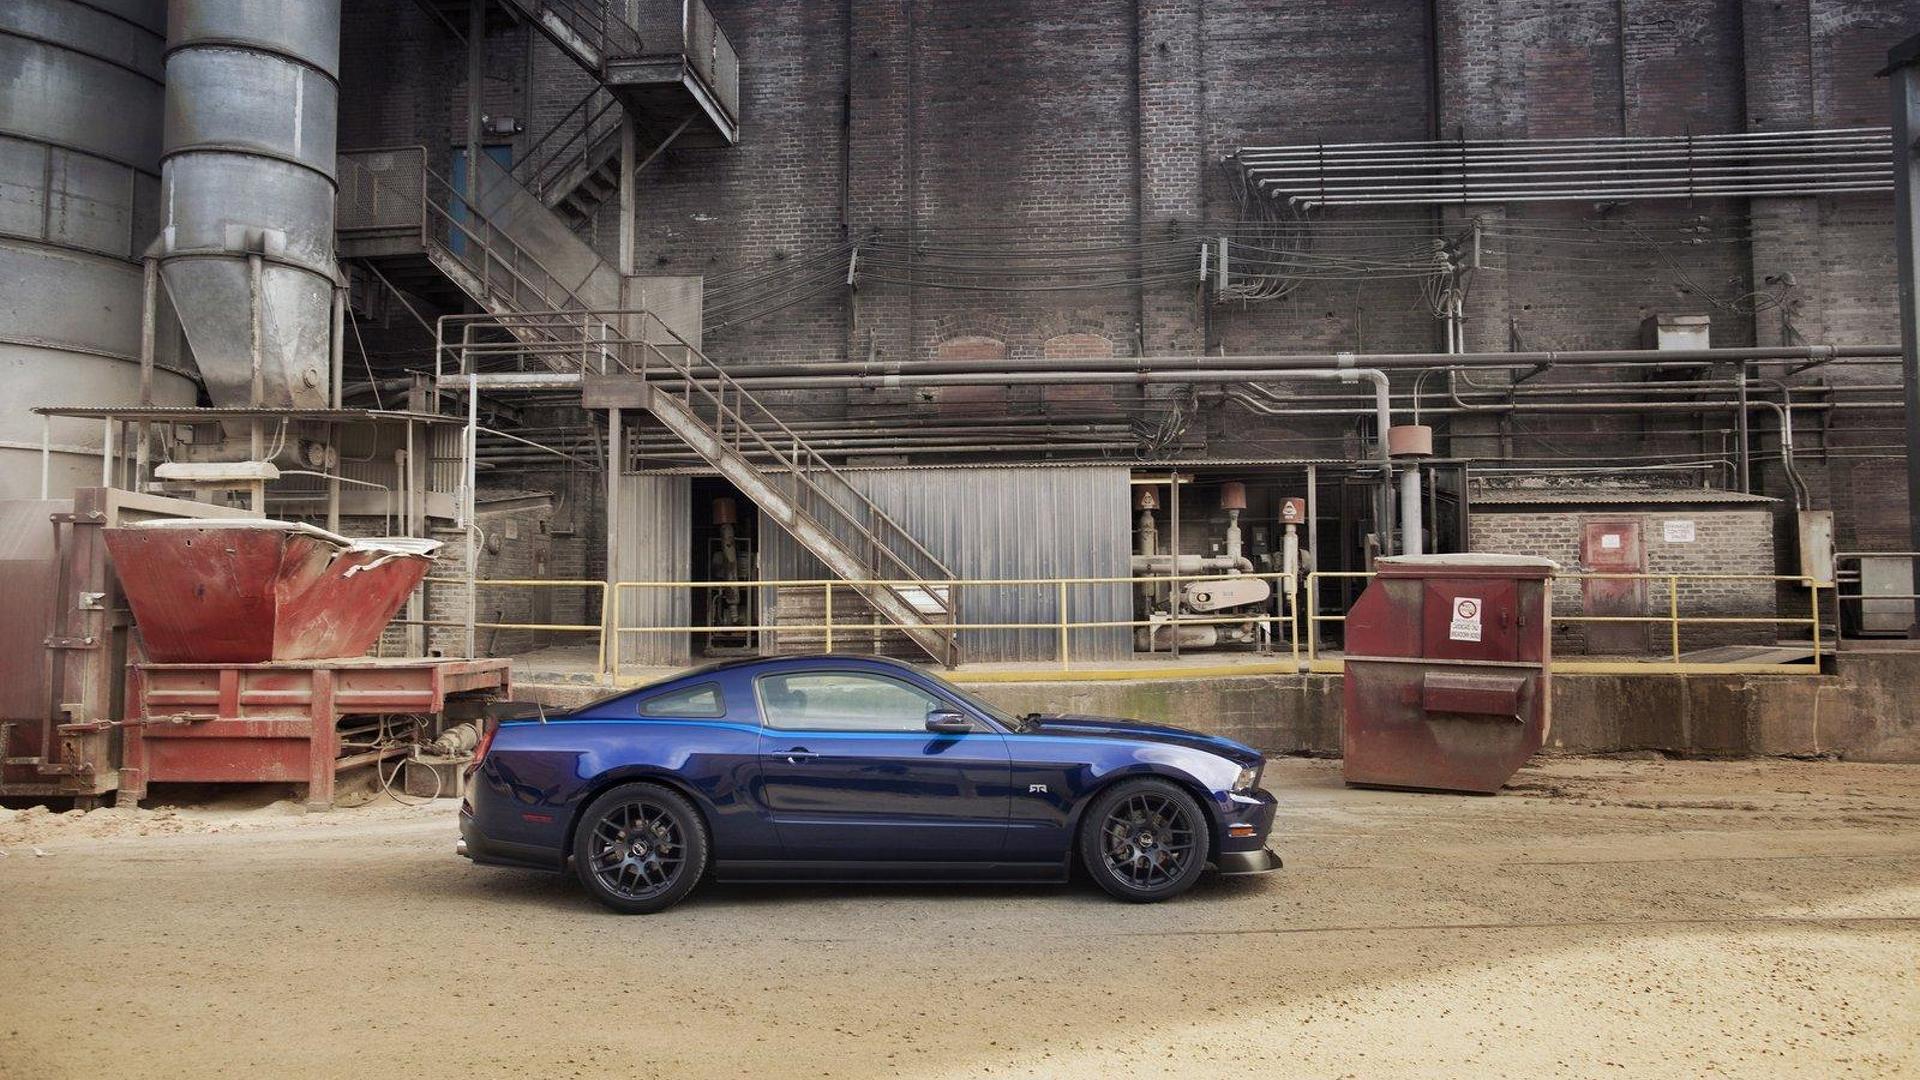 Ford announces 2011 Mustang RTR package by drifter Vaughn Gittin Jr. [Video]